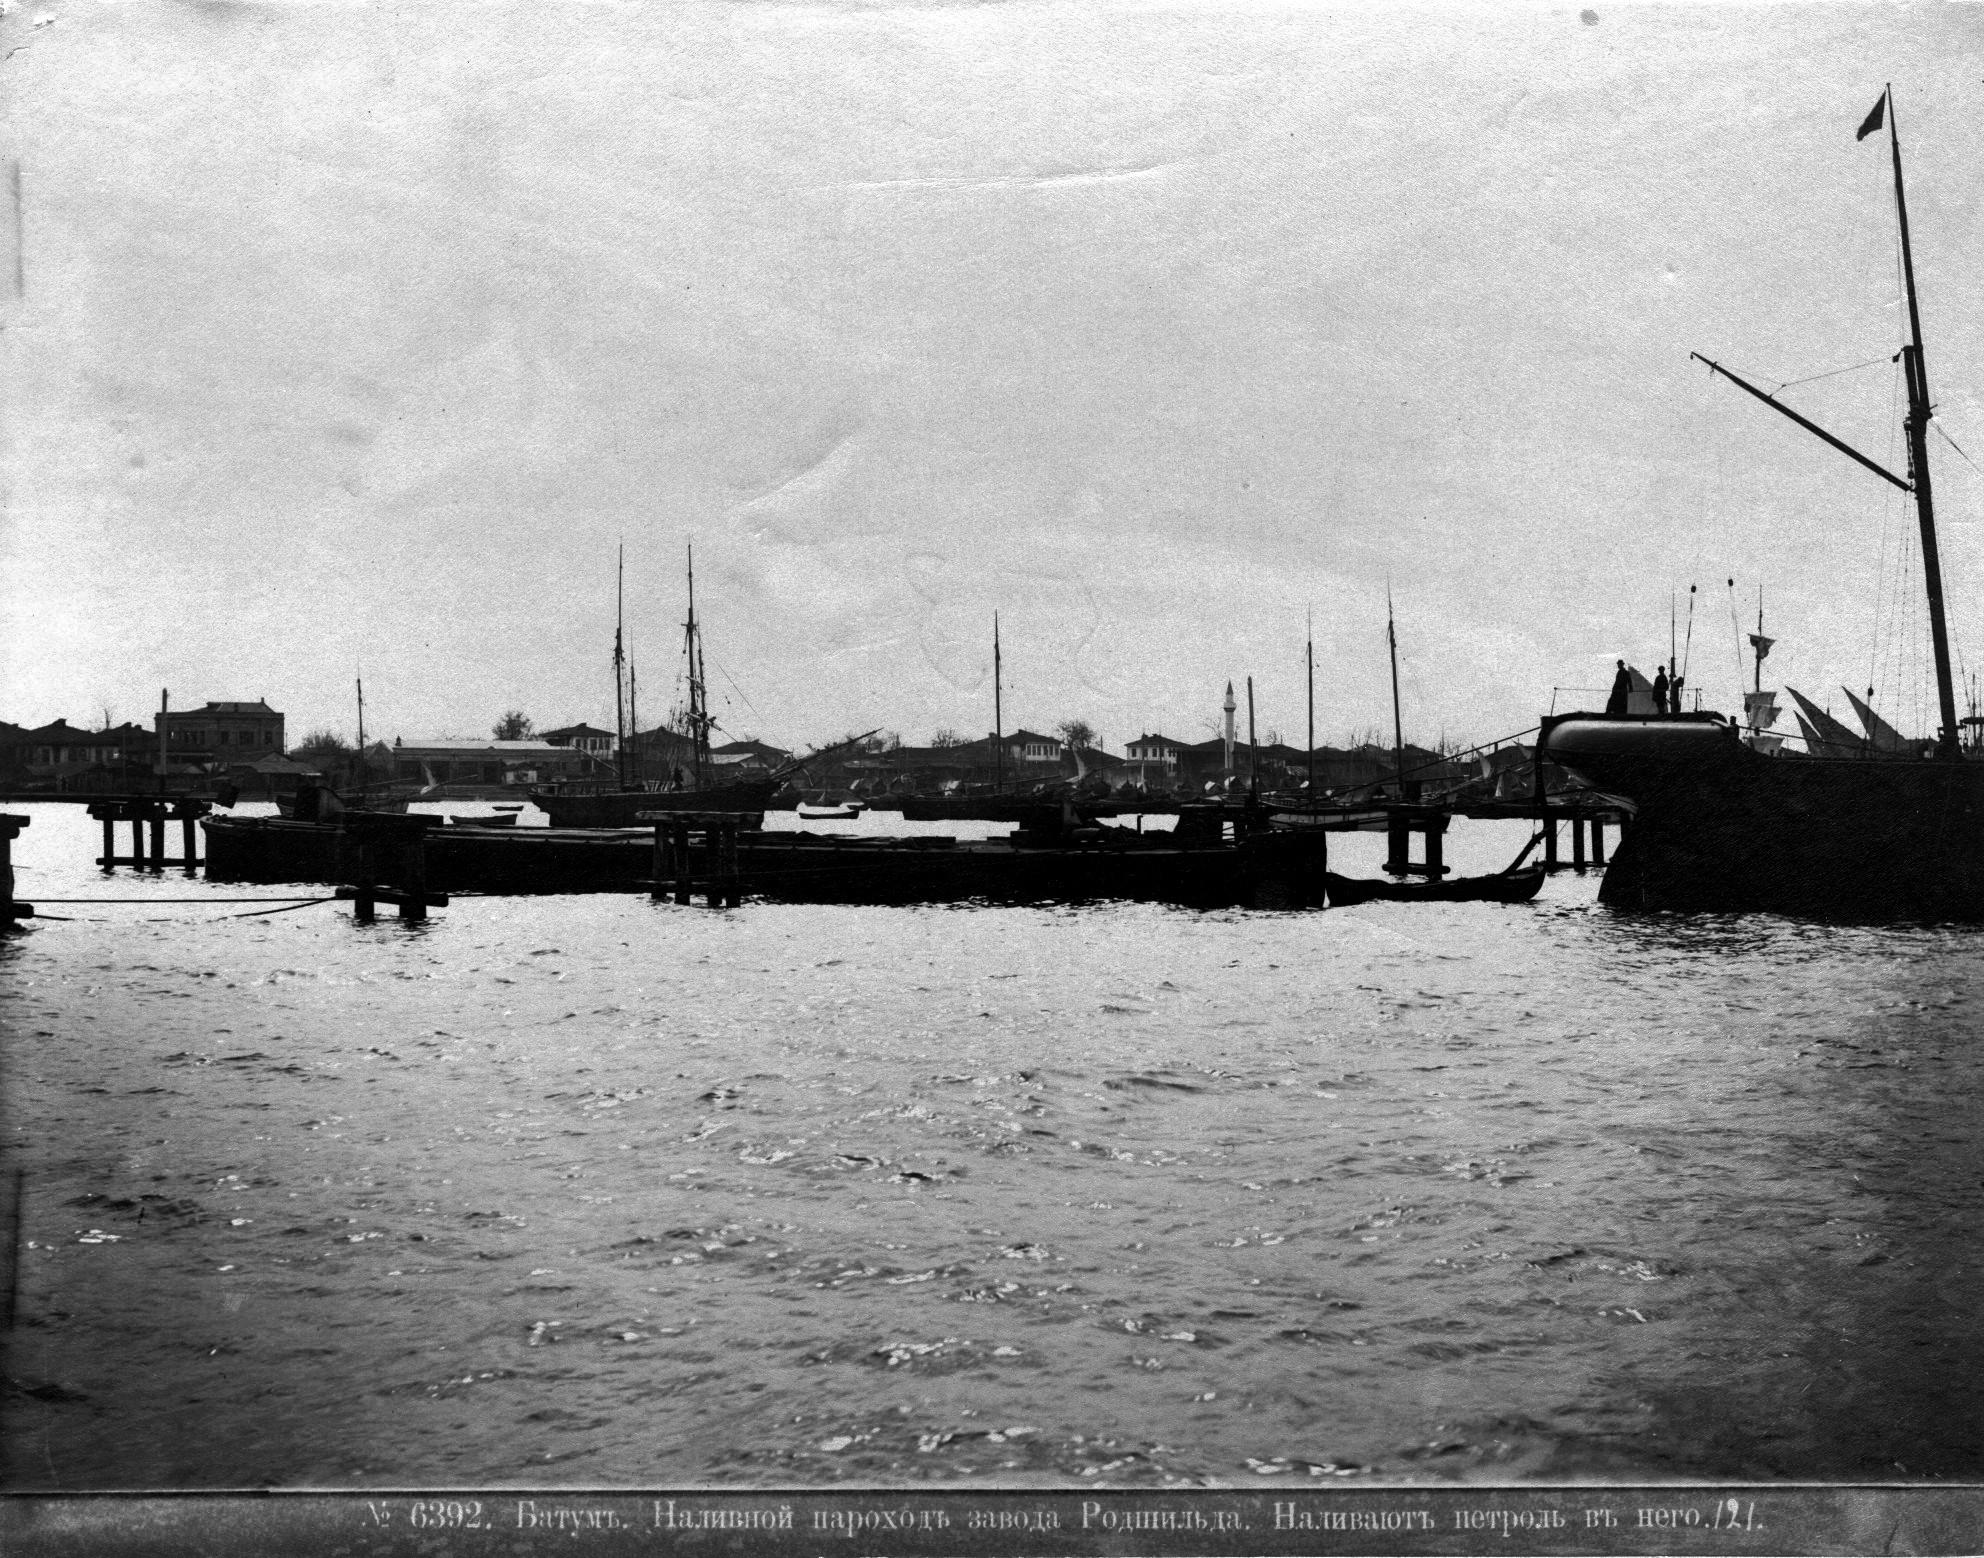 Наливной пароход завода Родшильда, наливают пе троль в него